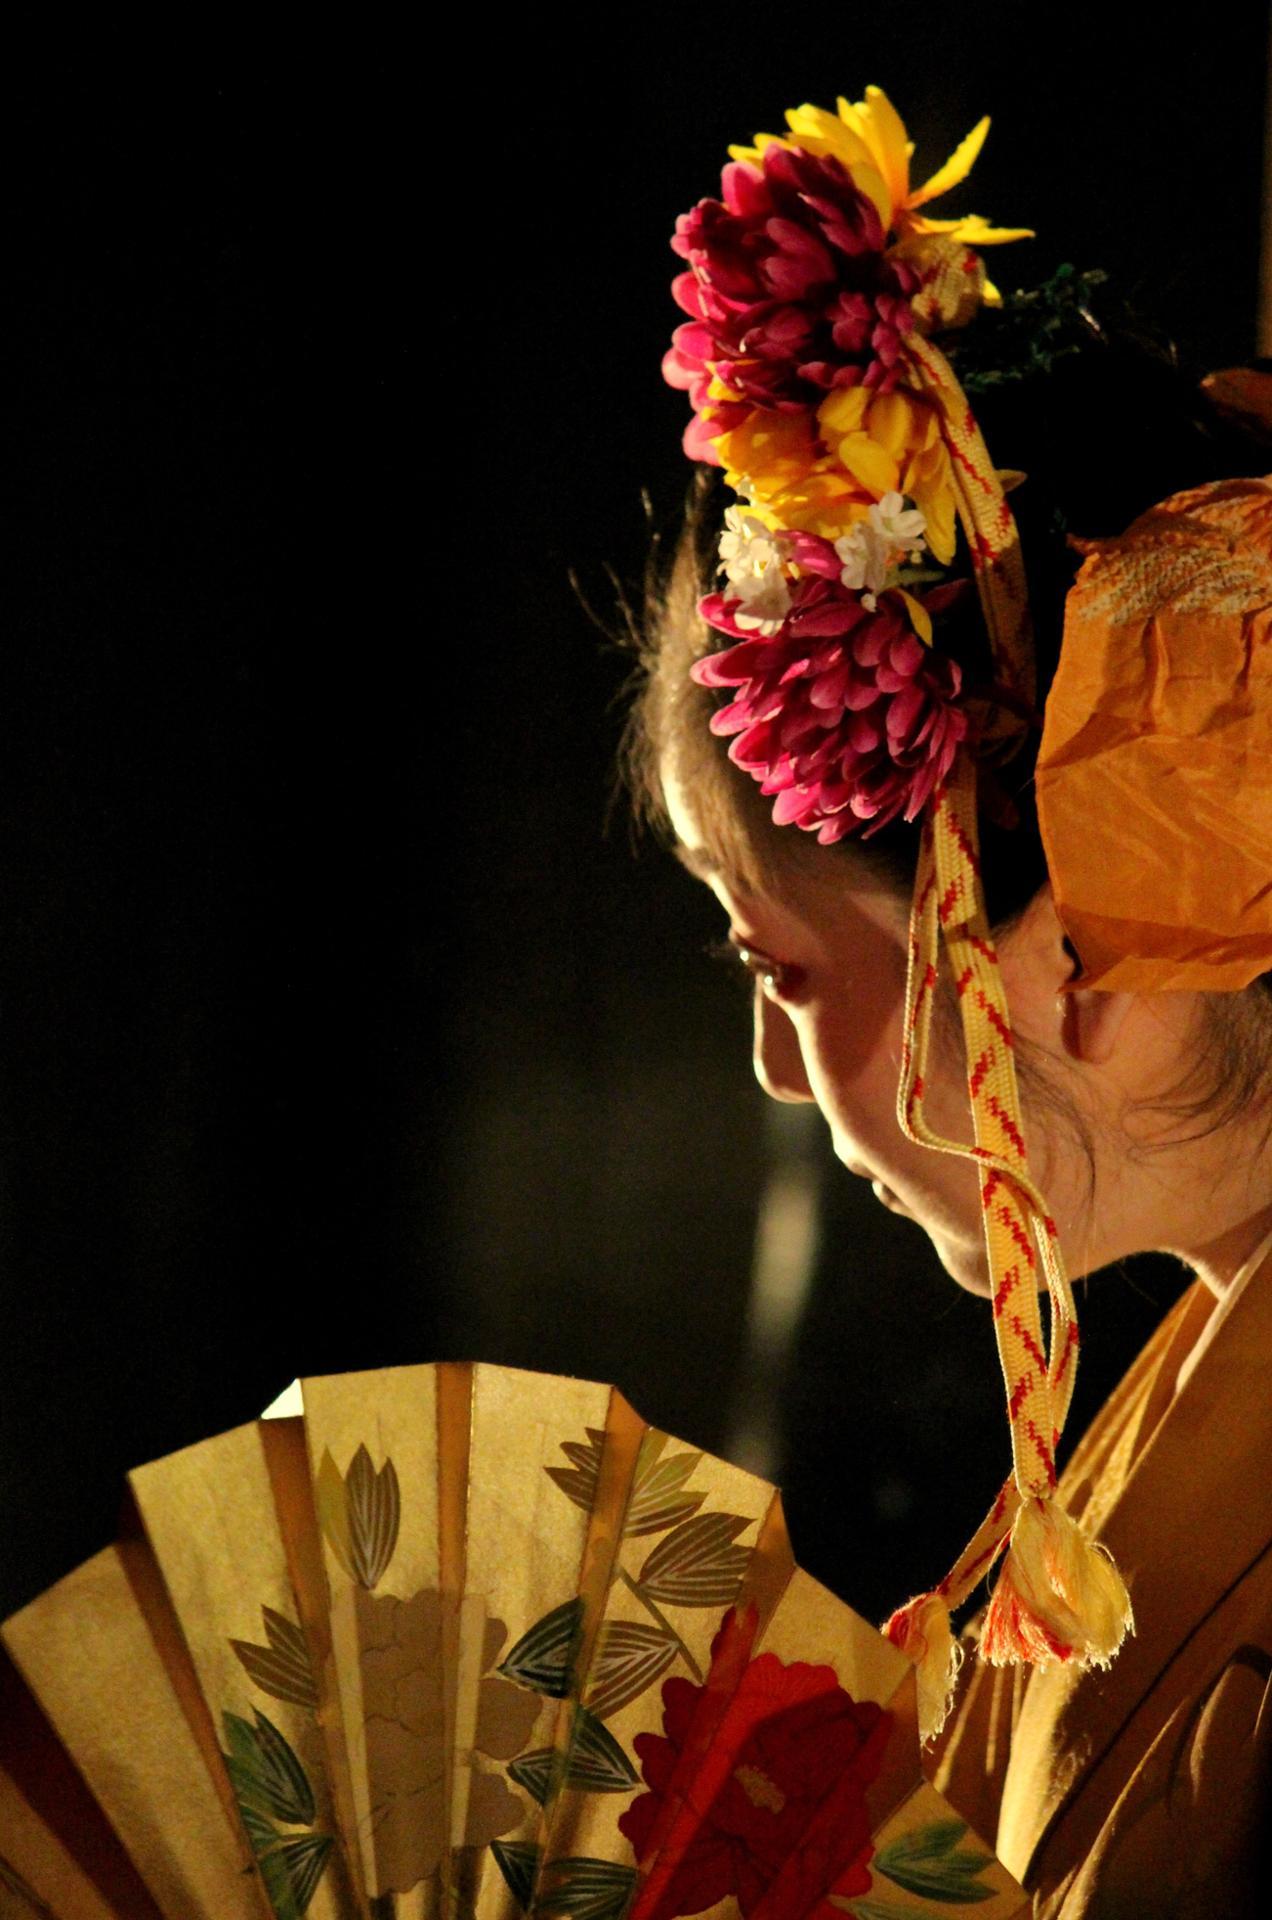 danse traditionnelle japonaise Tokyo photo jean couturier